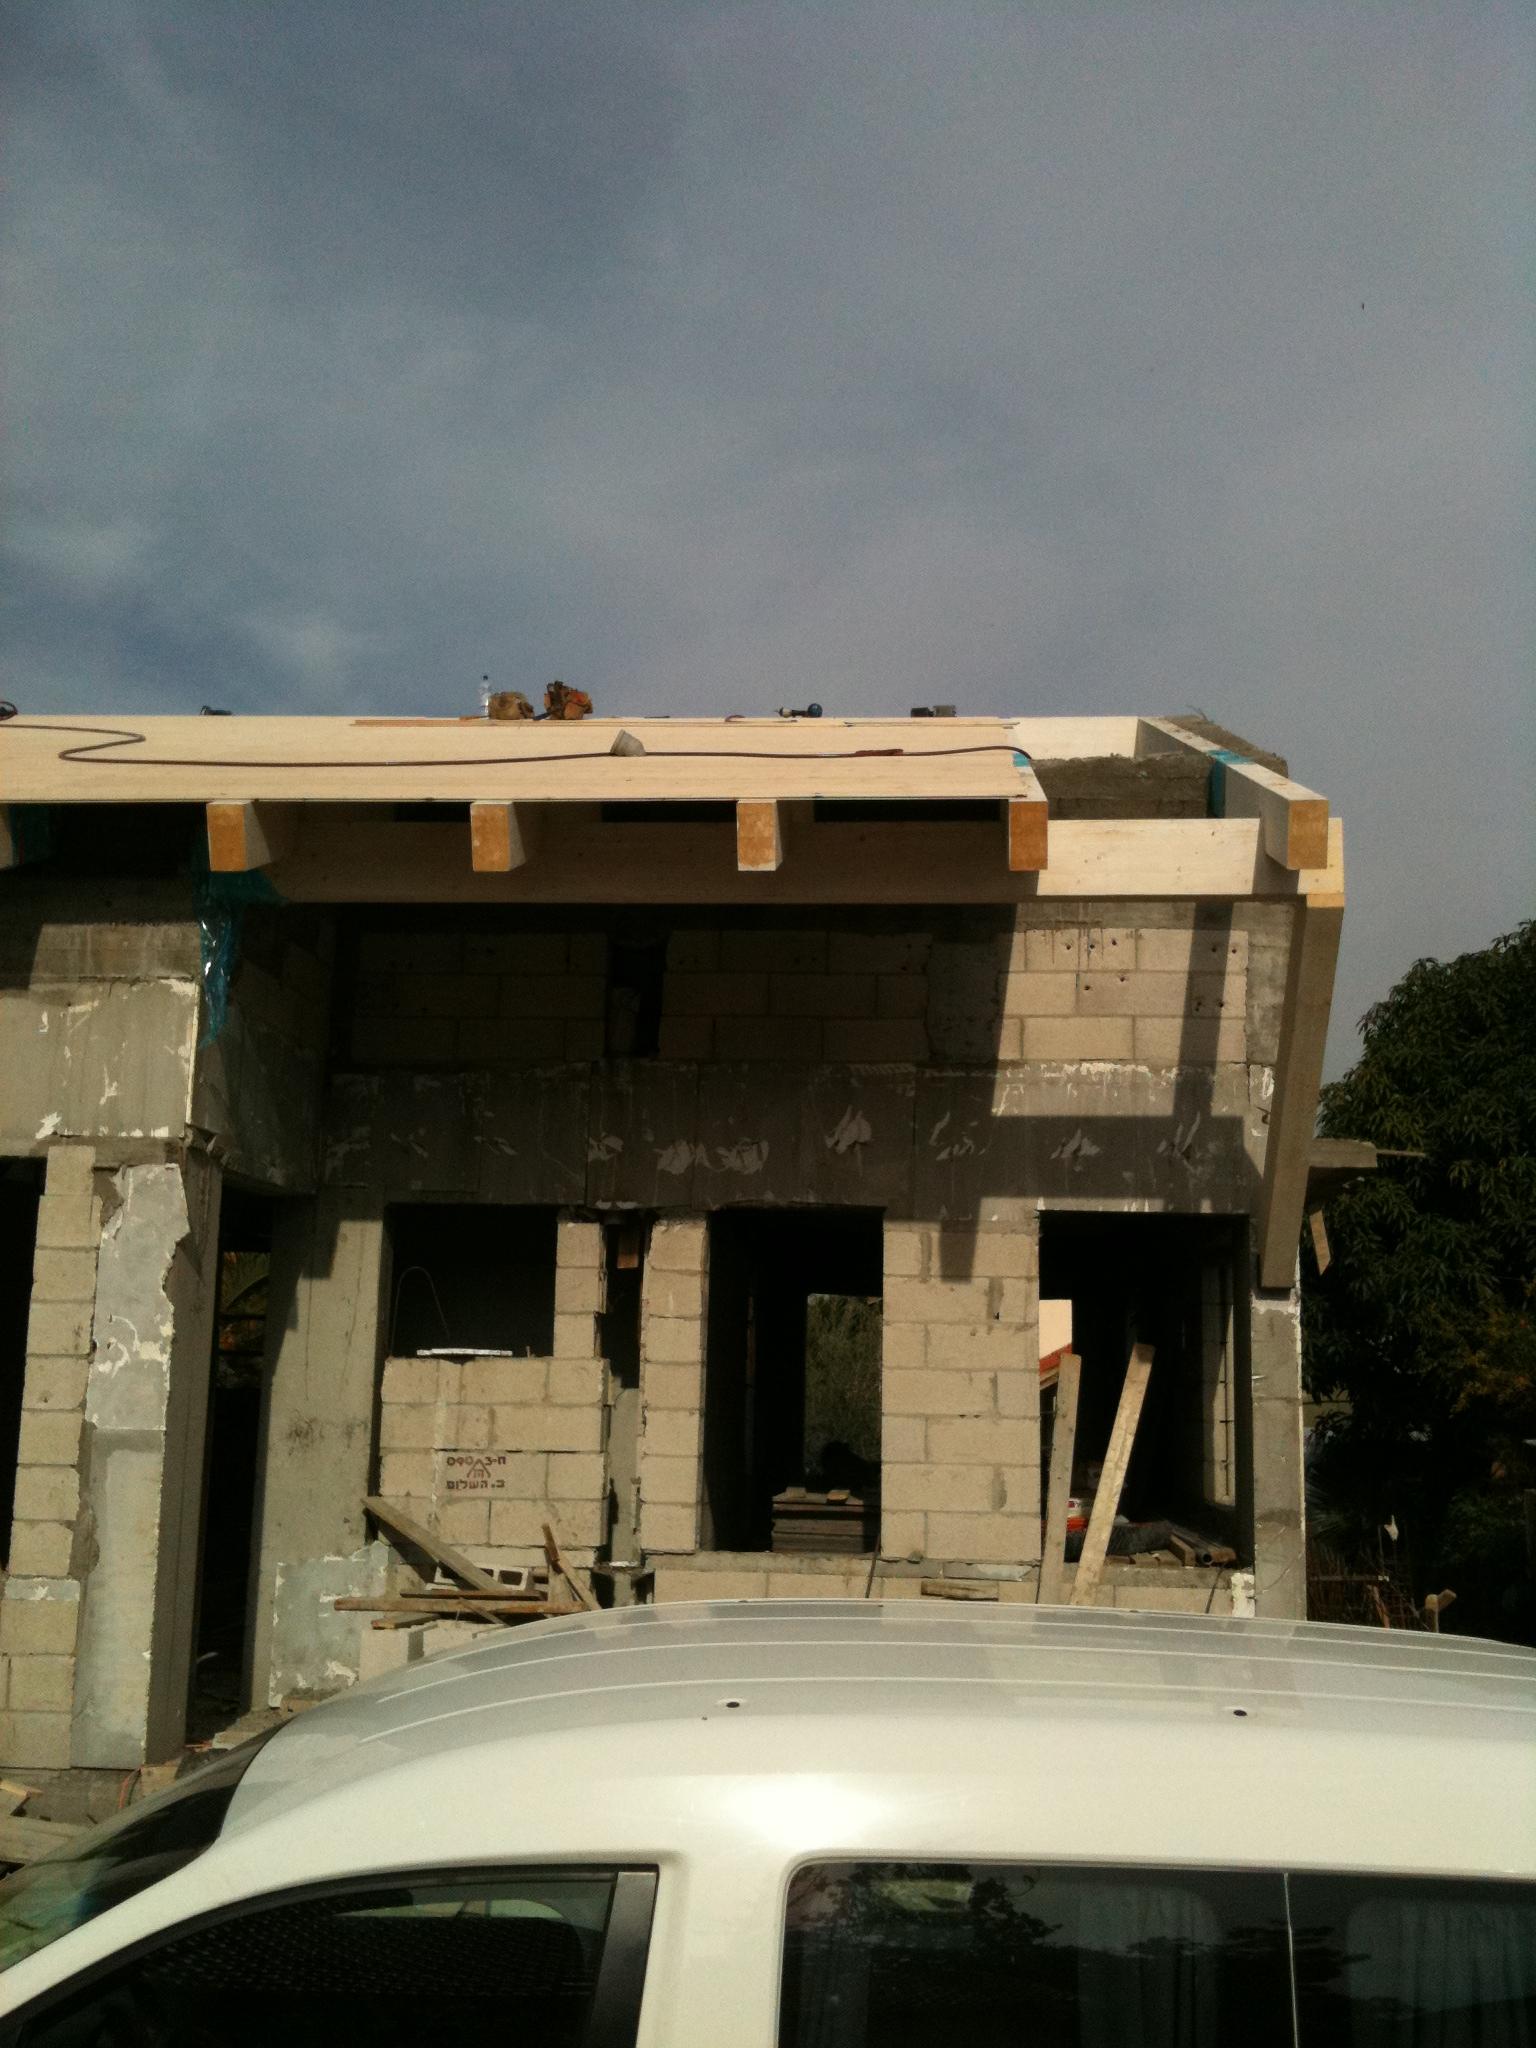 הגג כולל תקרה תלויה בכניסה